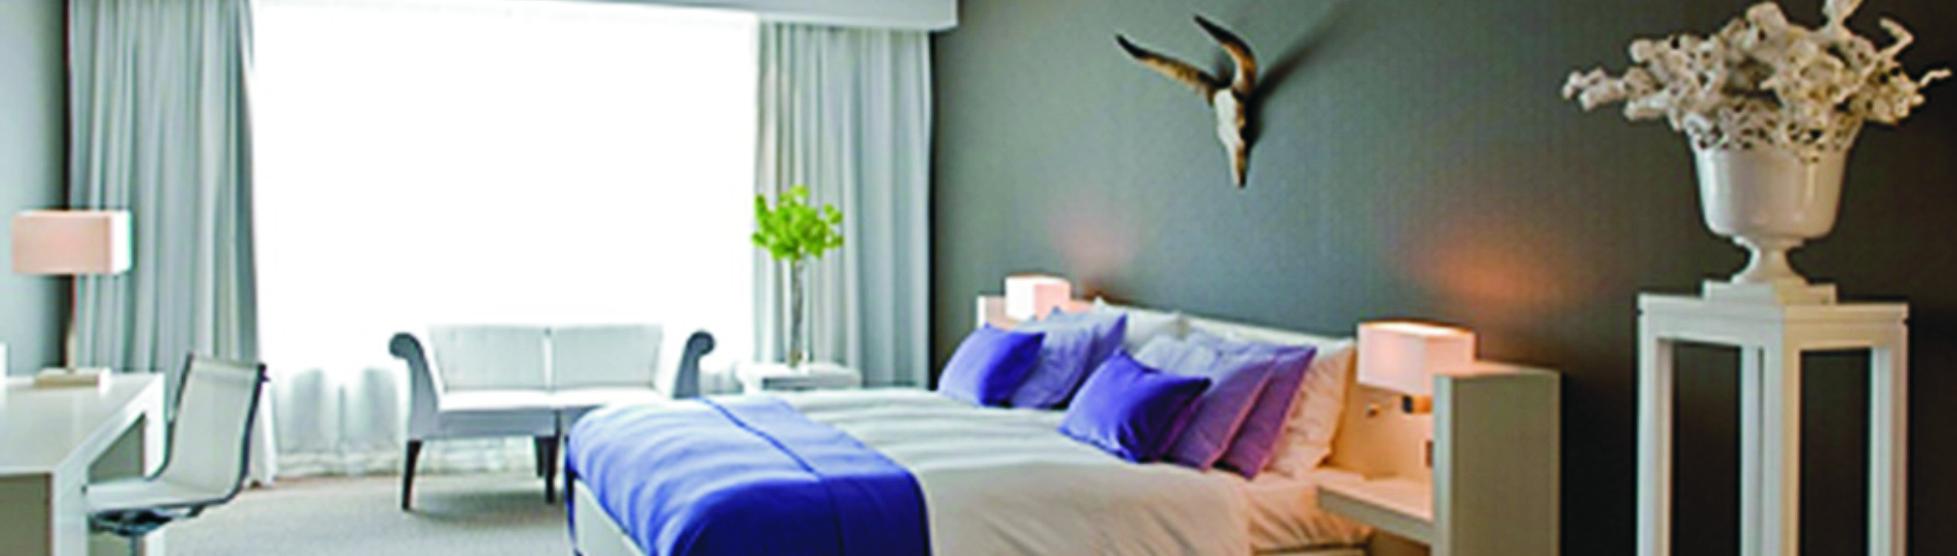 Van der Valk Hotels